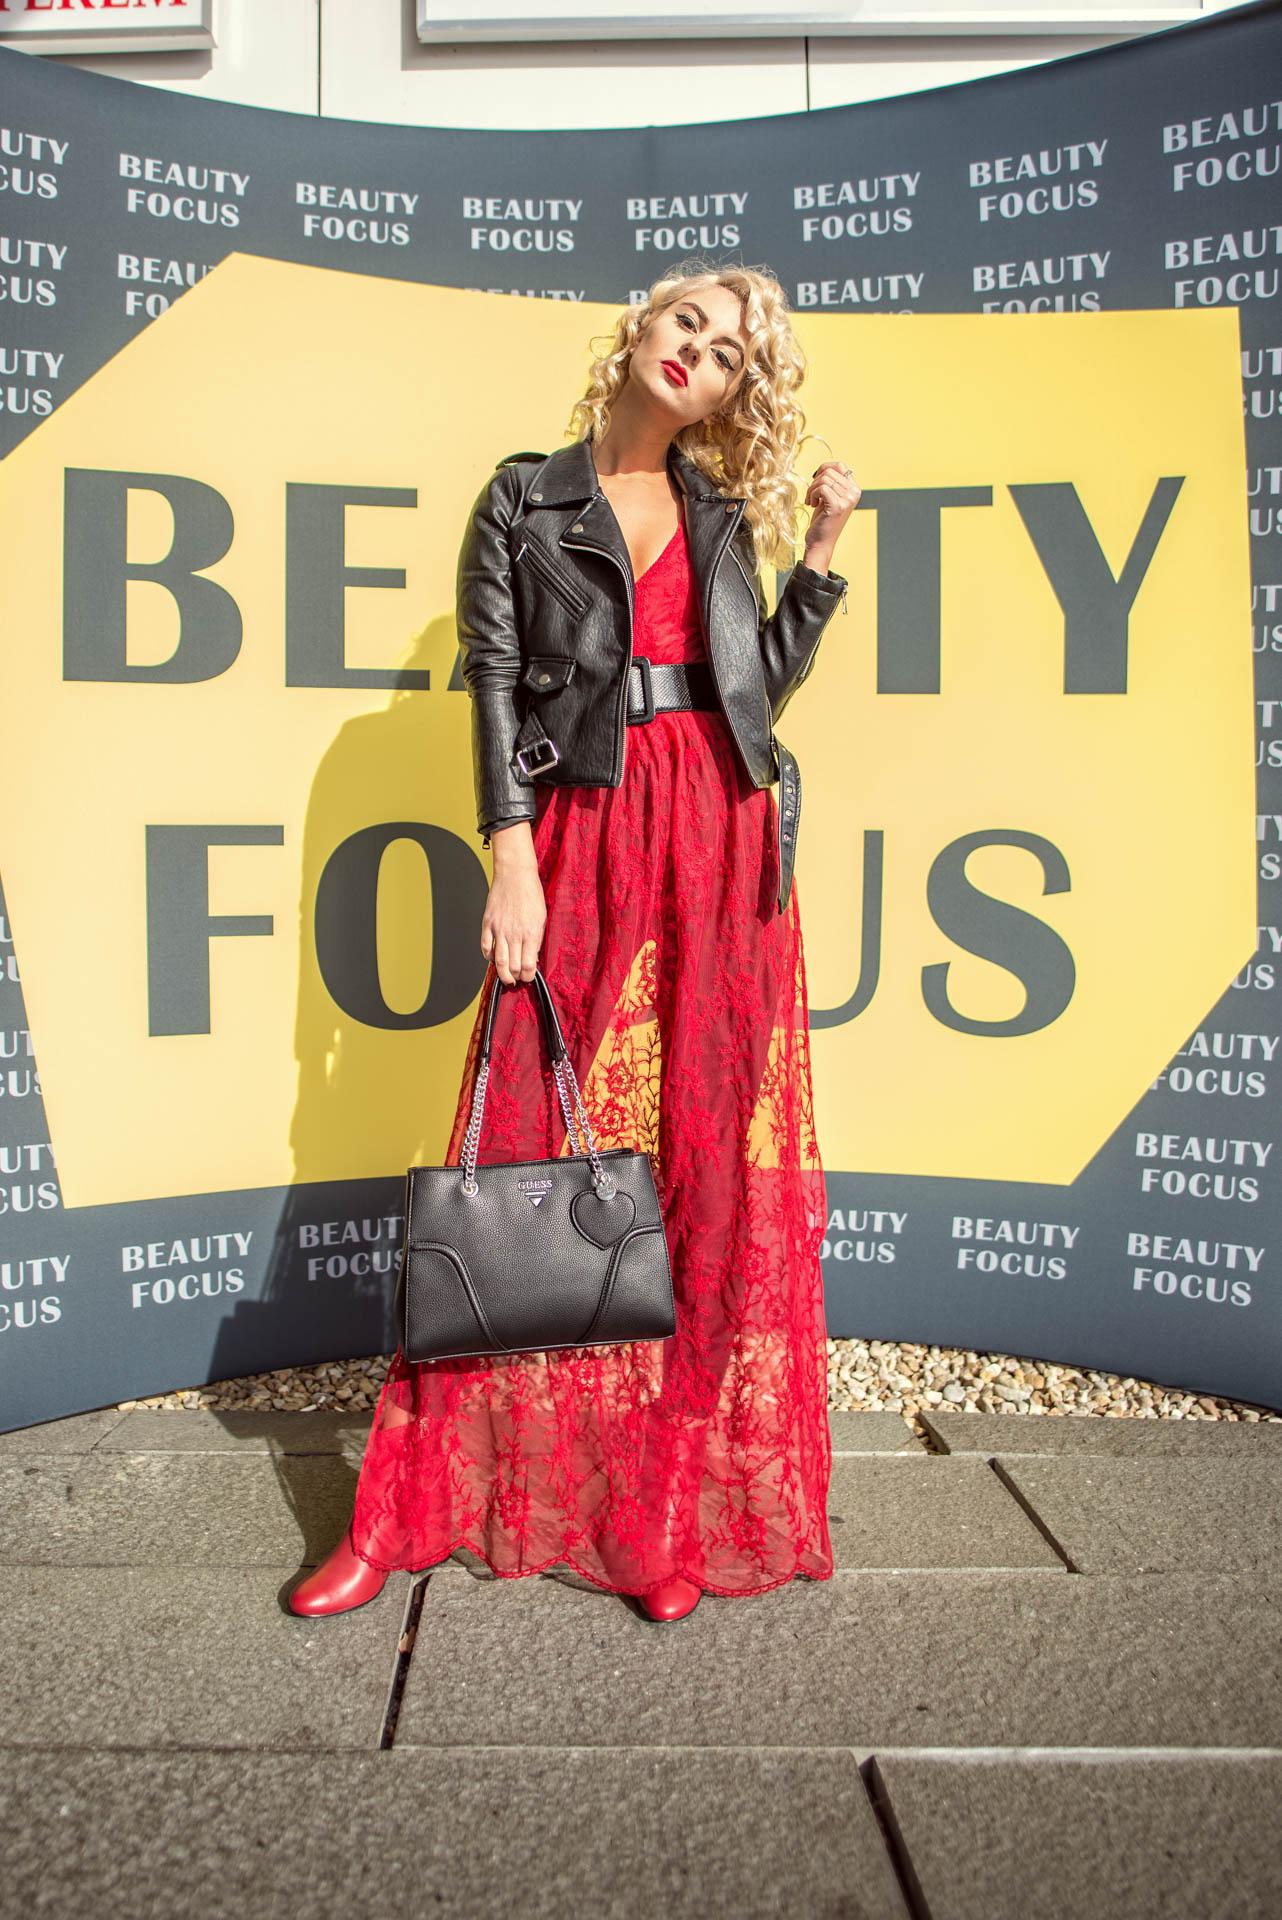 Cum a fost la Beauty Focus editia II